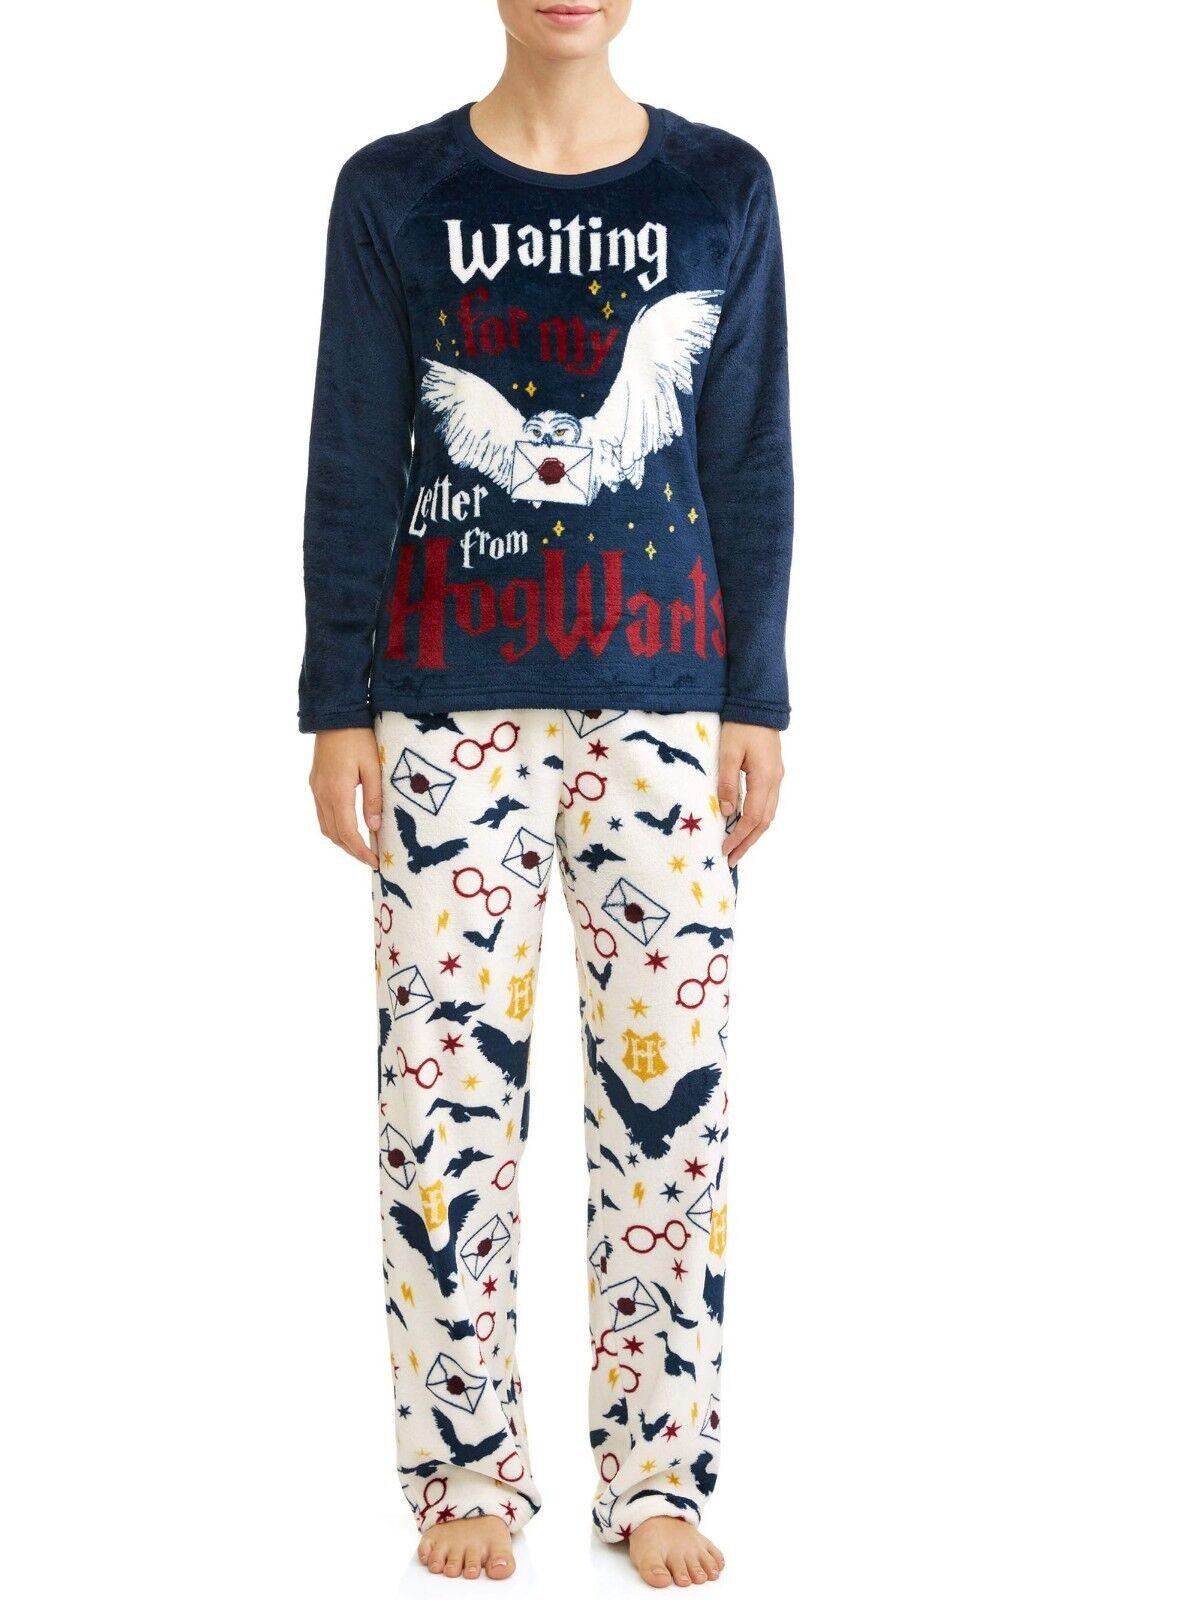 Harry Potter pajamas womens 3X set plush fleece hogwarts 22W 24W new bx4H6